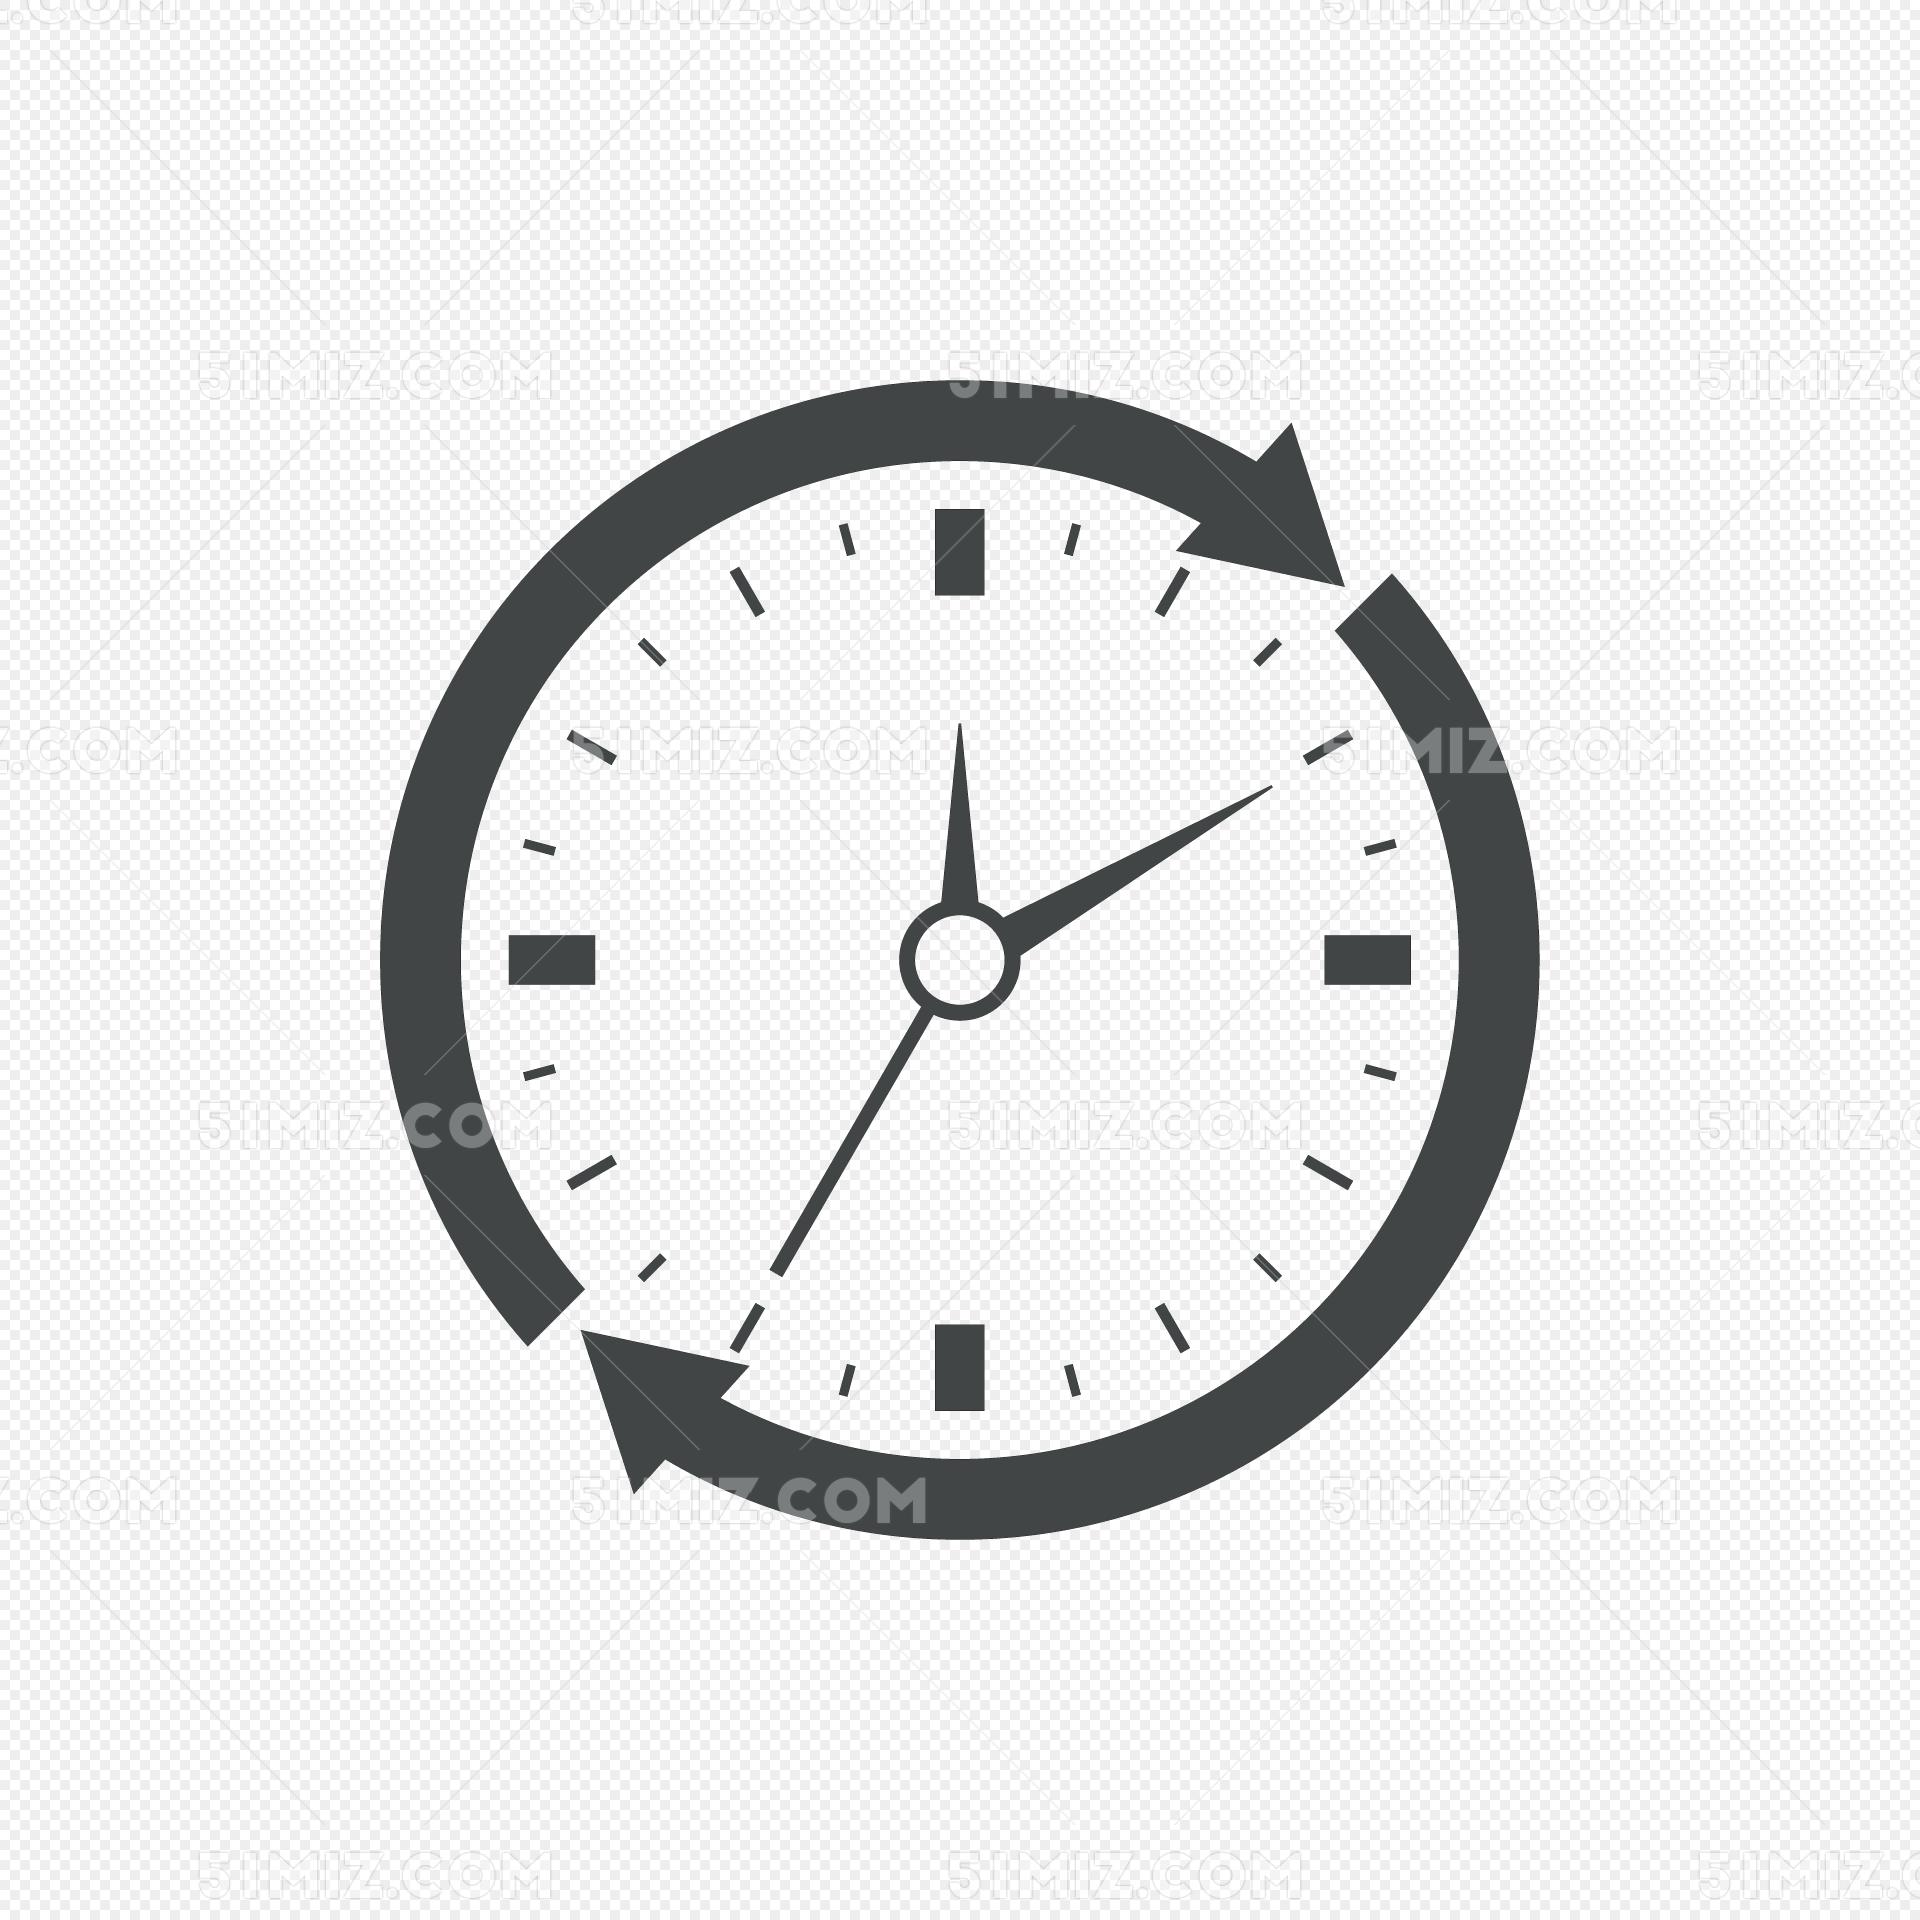 时钟刻度时间图标图片素材免费下载_觅知网